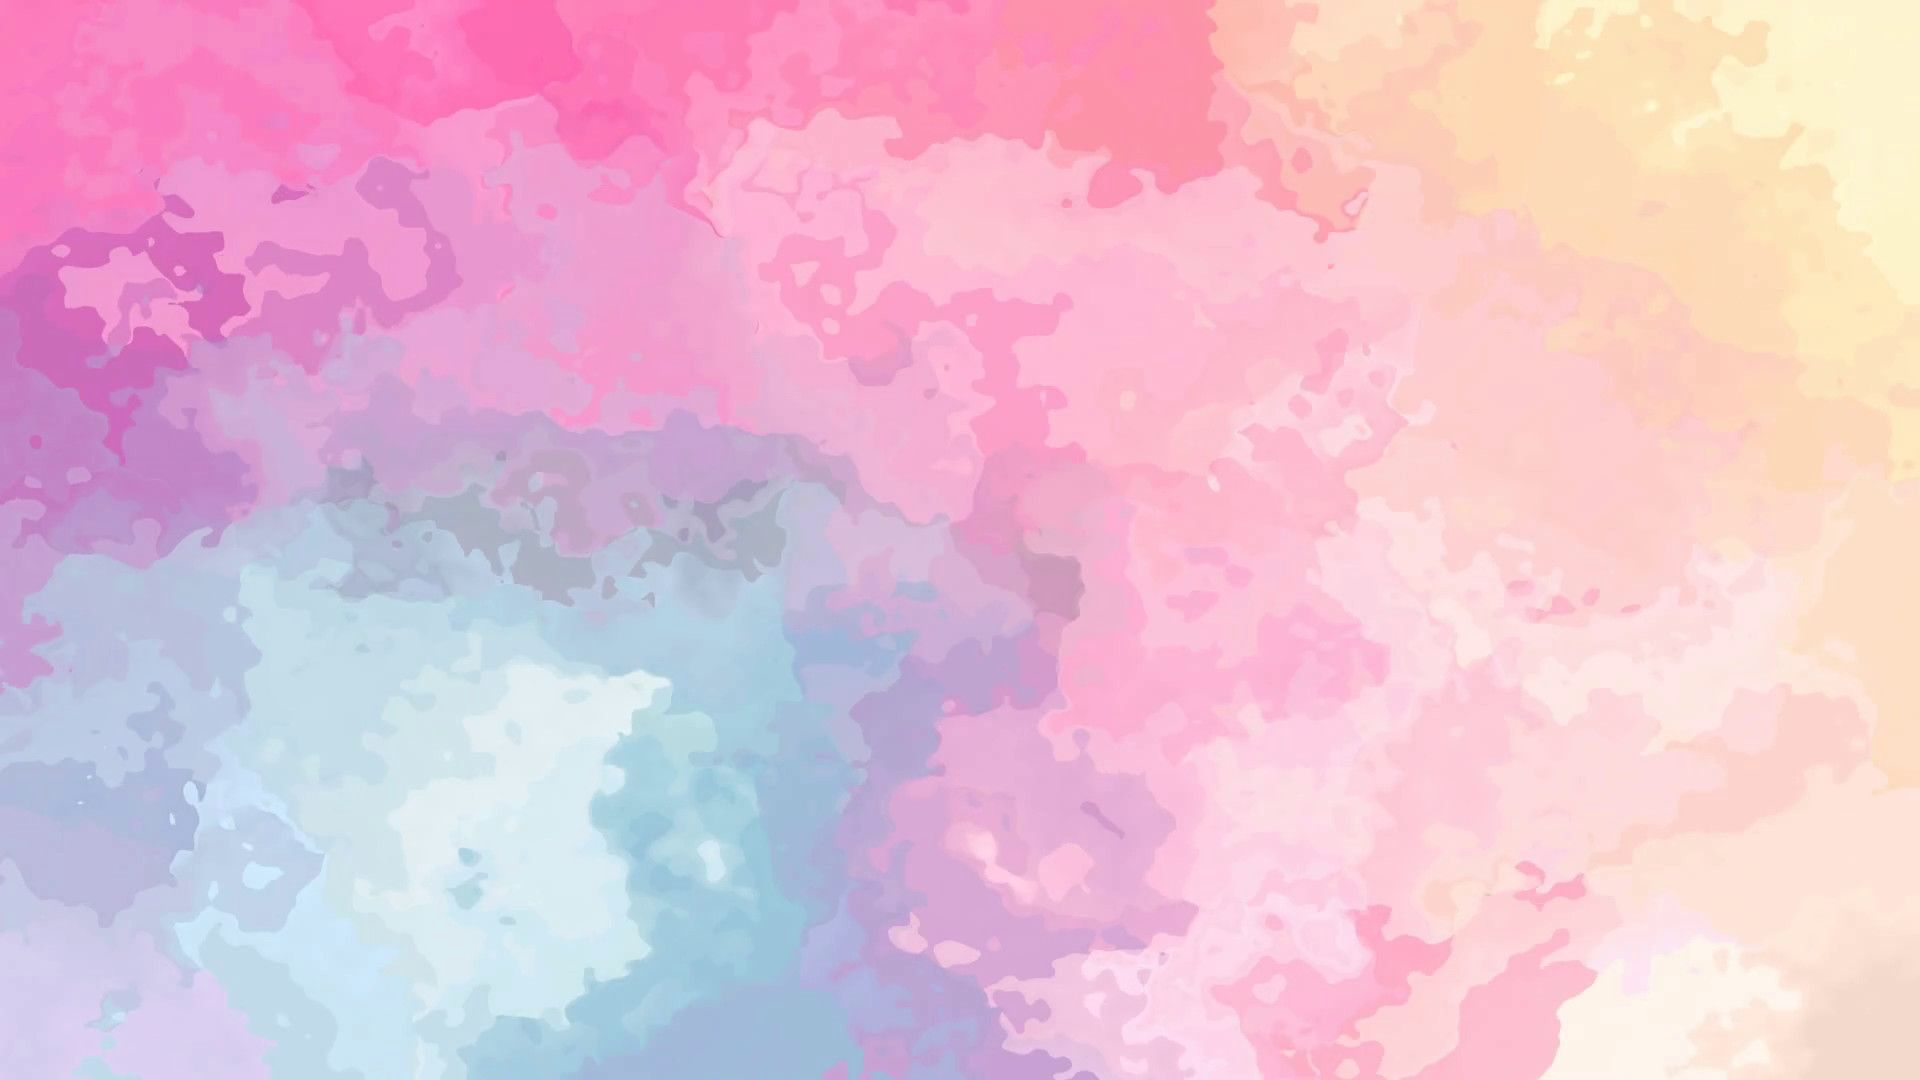 Cute Pastel Desktop Wallpapers Top Free Cute Pastel Desktop Backgrounds Wallpaperaccess